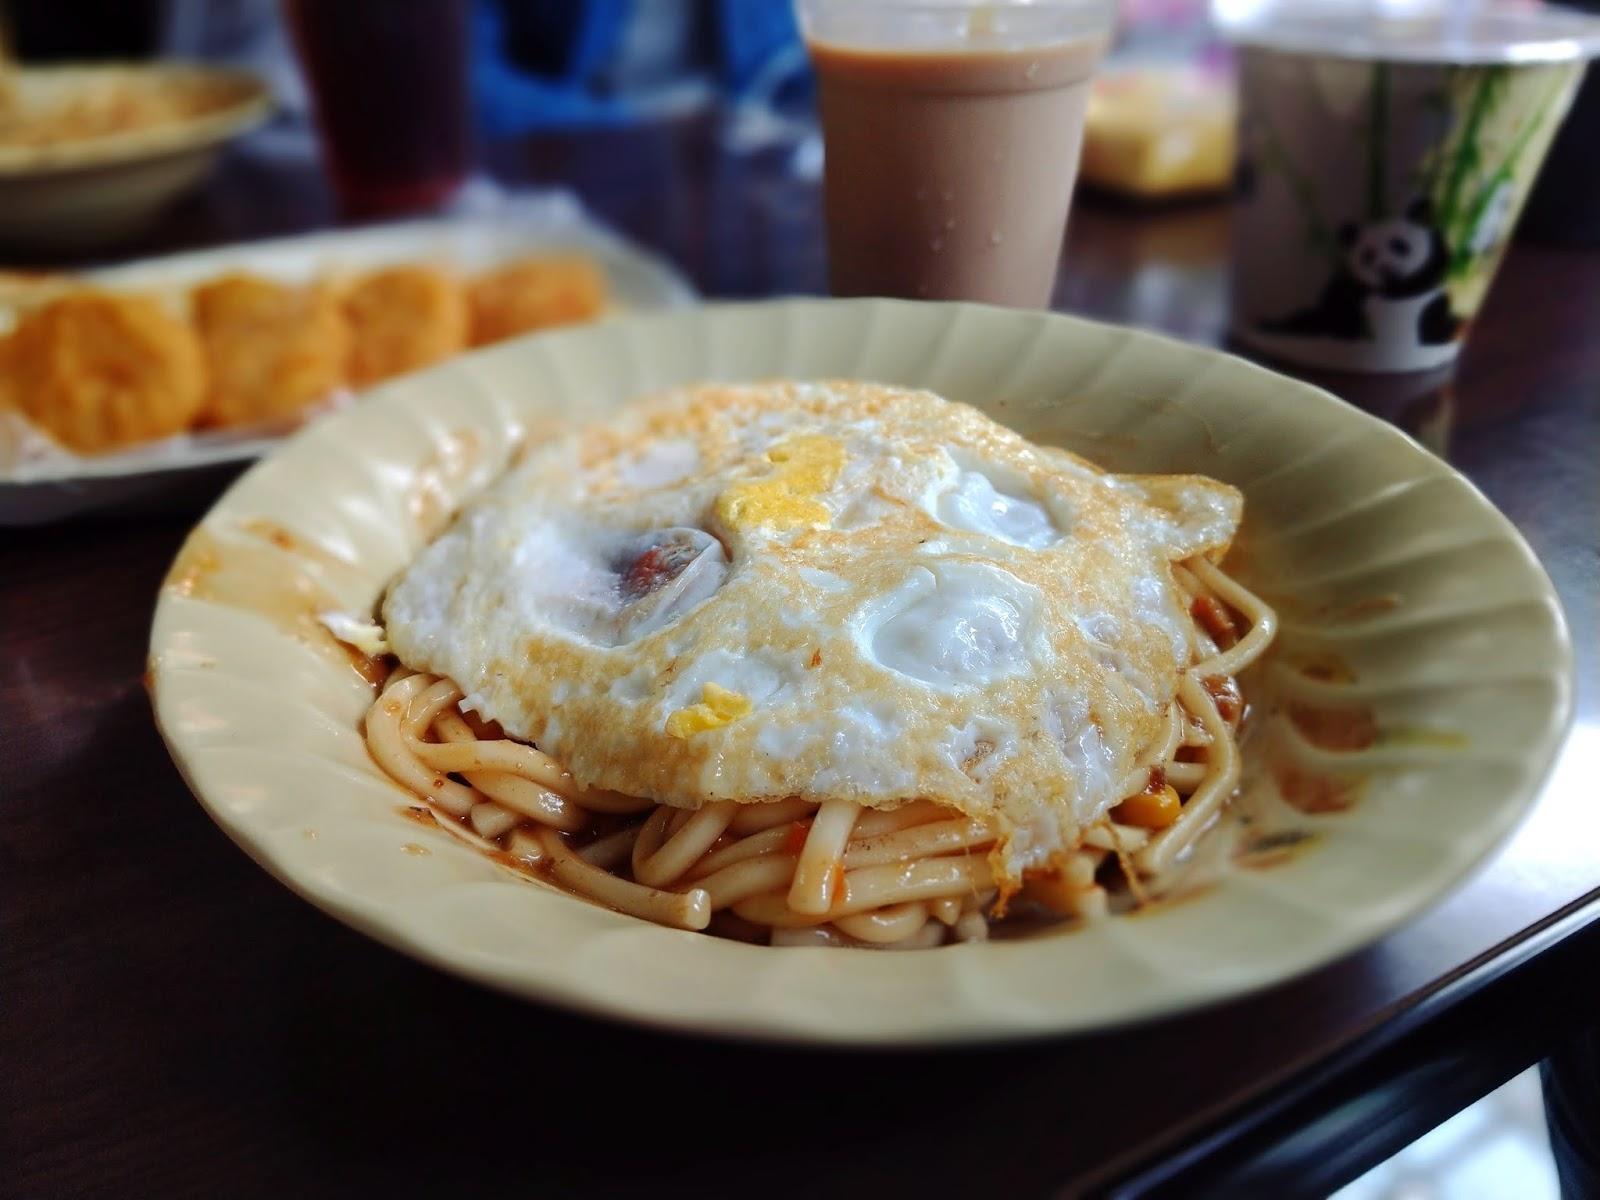 【台北 美食】北商熱門人氣早餐 超好吃雞塊麵-華國早餐 (附菜單)